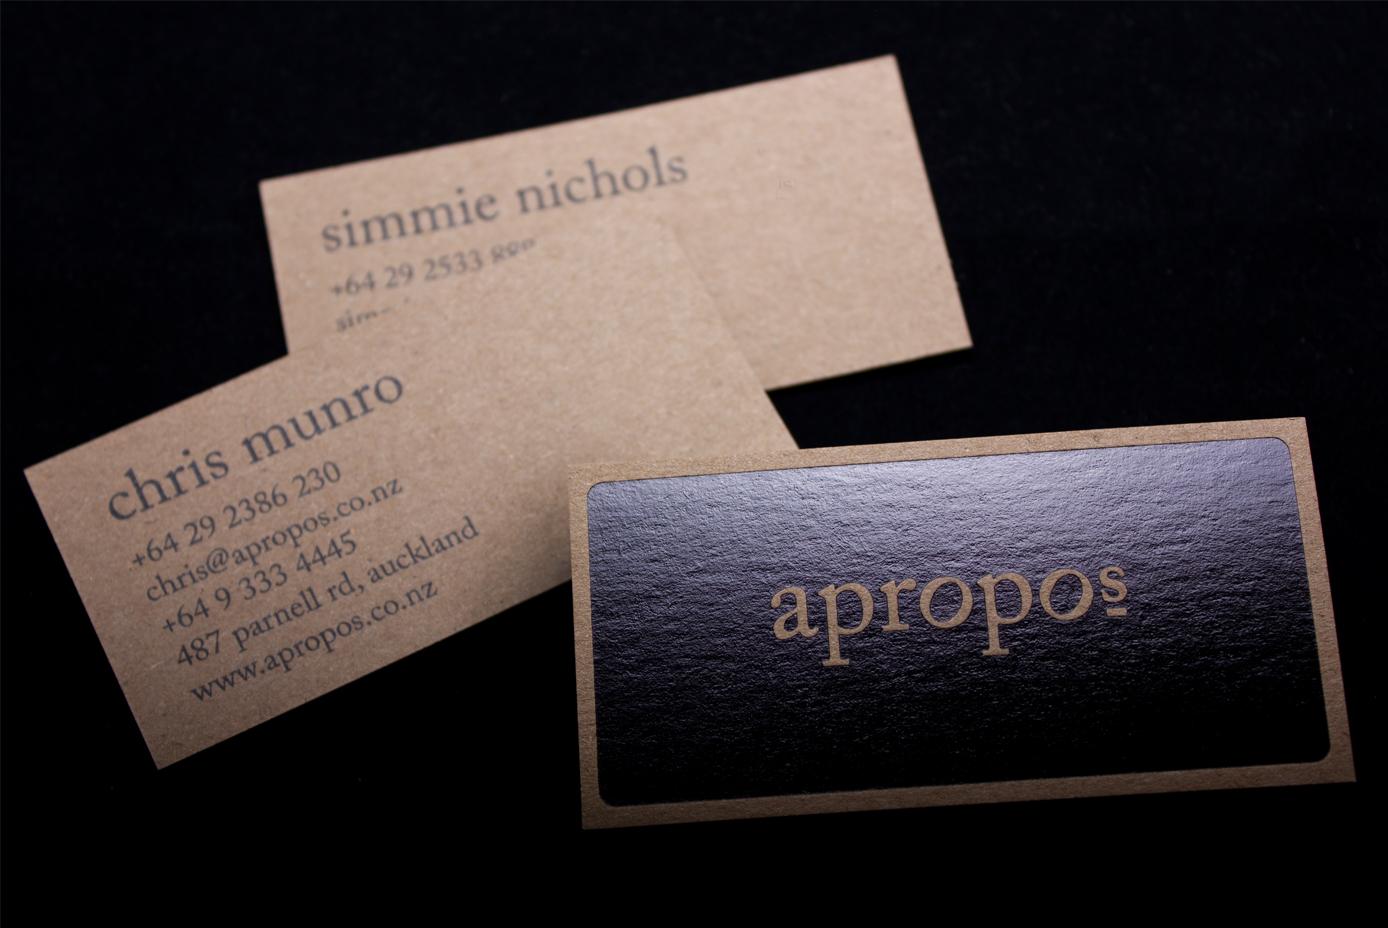 Apropos Business Cards | Logick Print